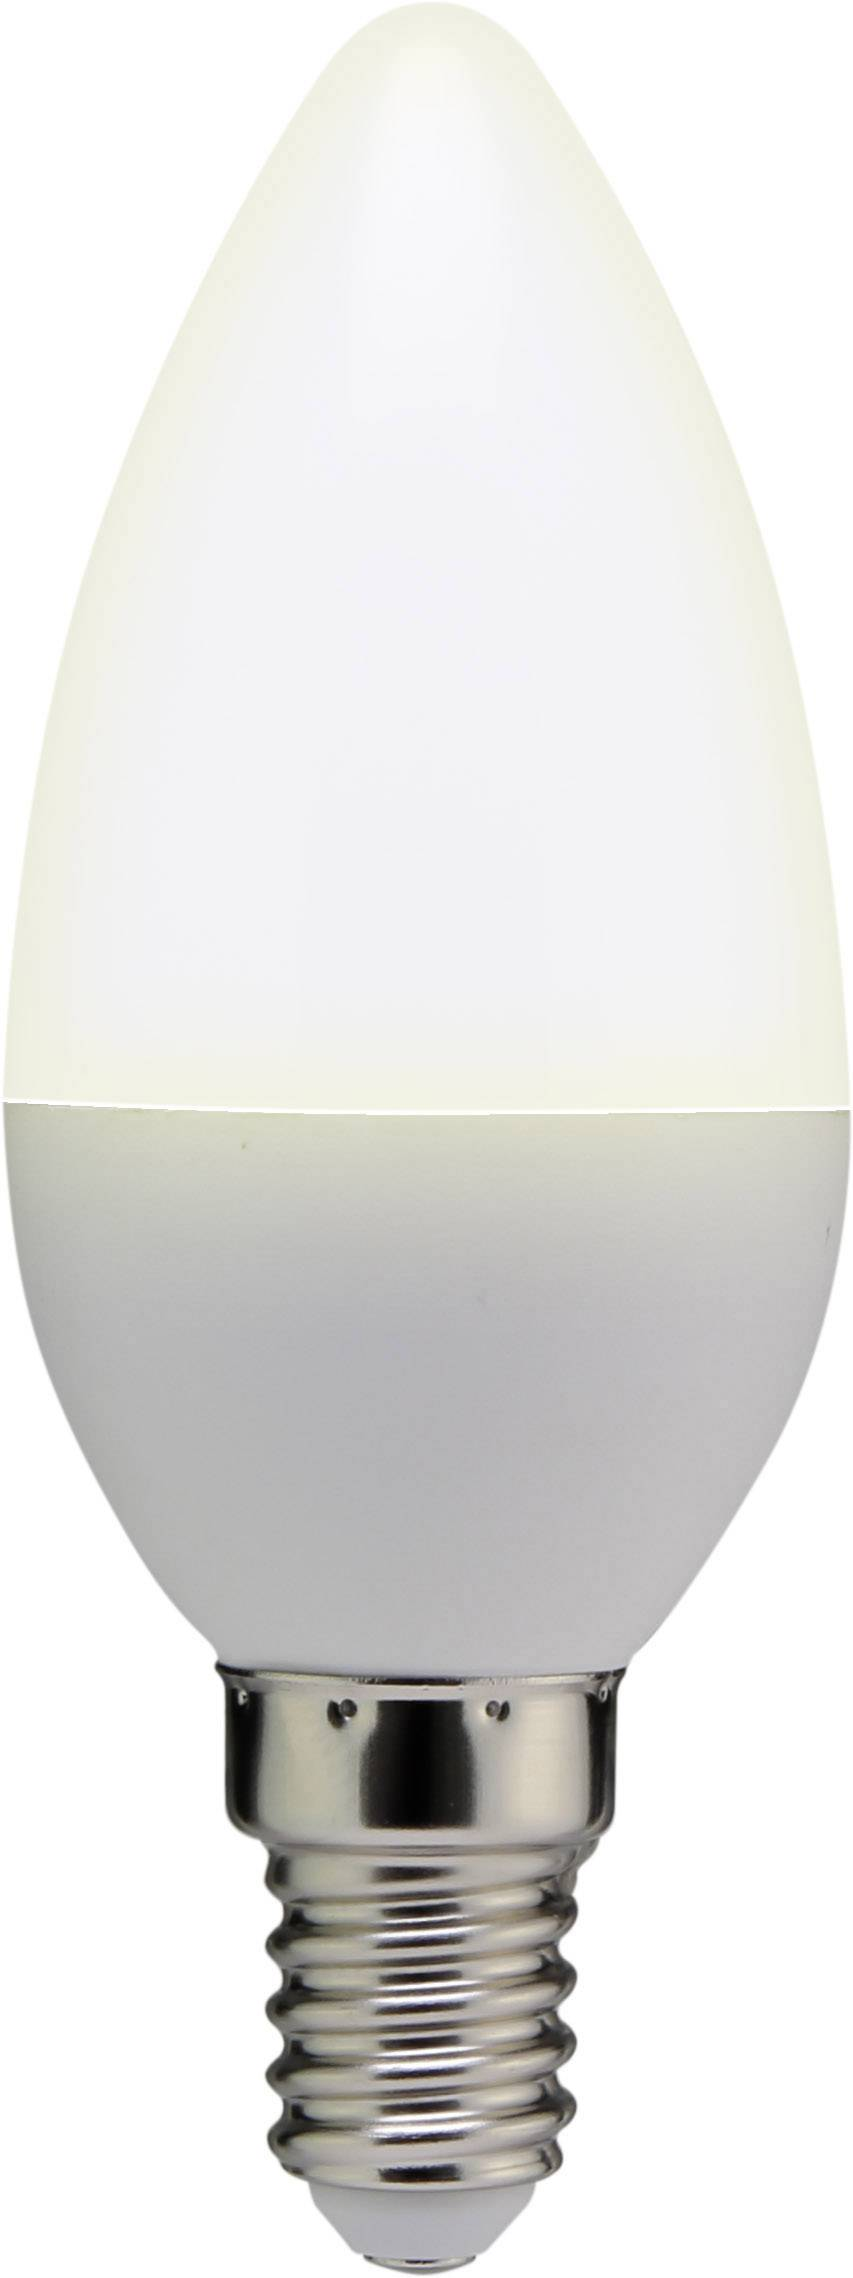 LED Basetech 230 V, E14, 3.5 W = 25 W, 100 mm, teplá bílá, A+ 1 ks